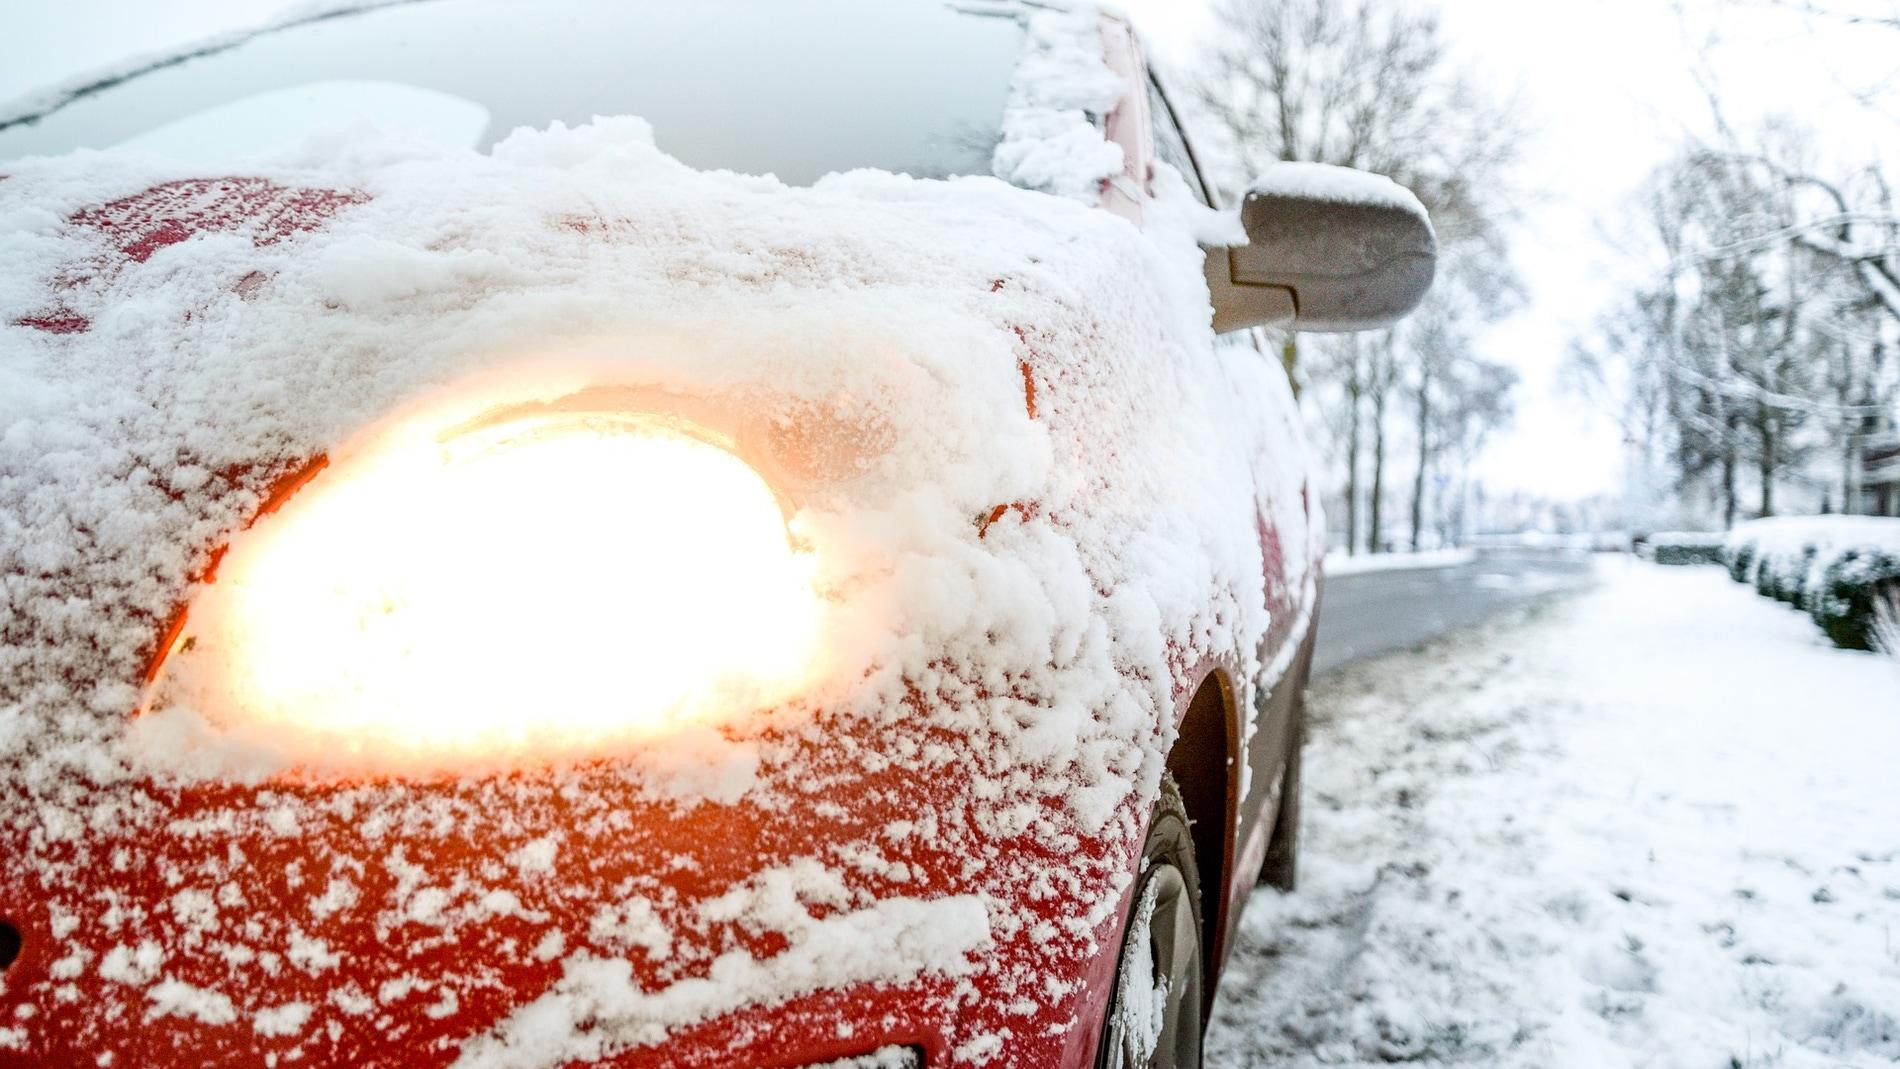 Coche en una carretera con hielo y nieve